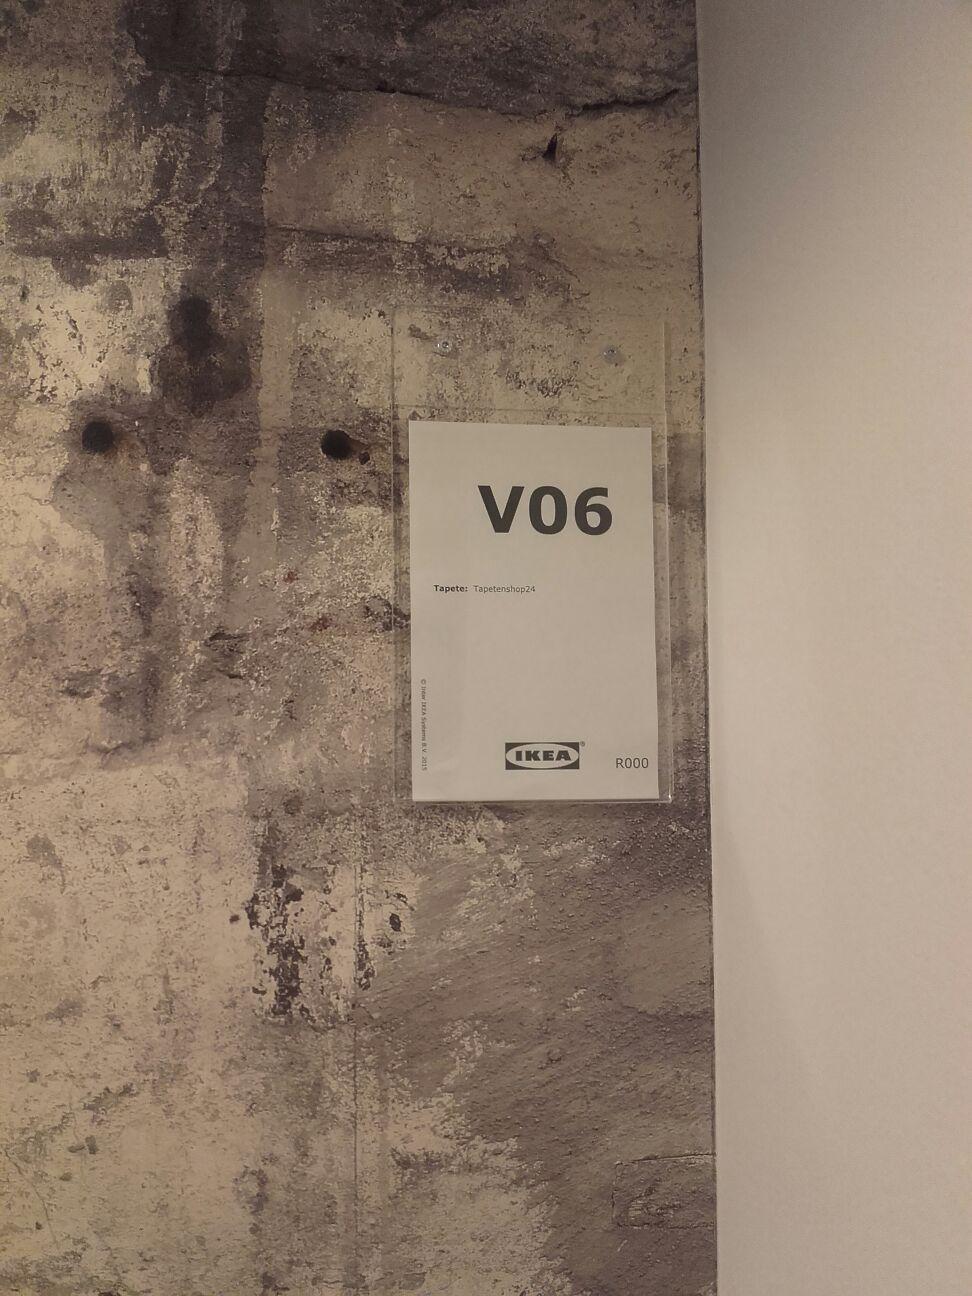 Wandbild 445404 Bei Ikea In Der Ausstellung